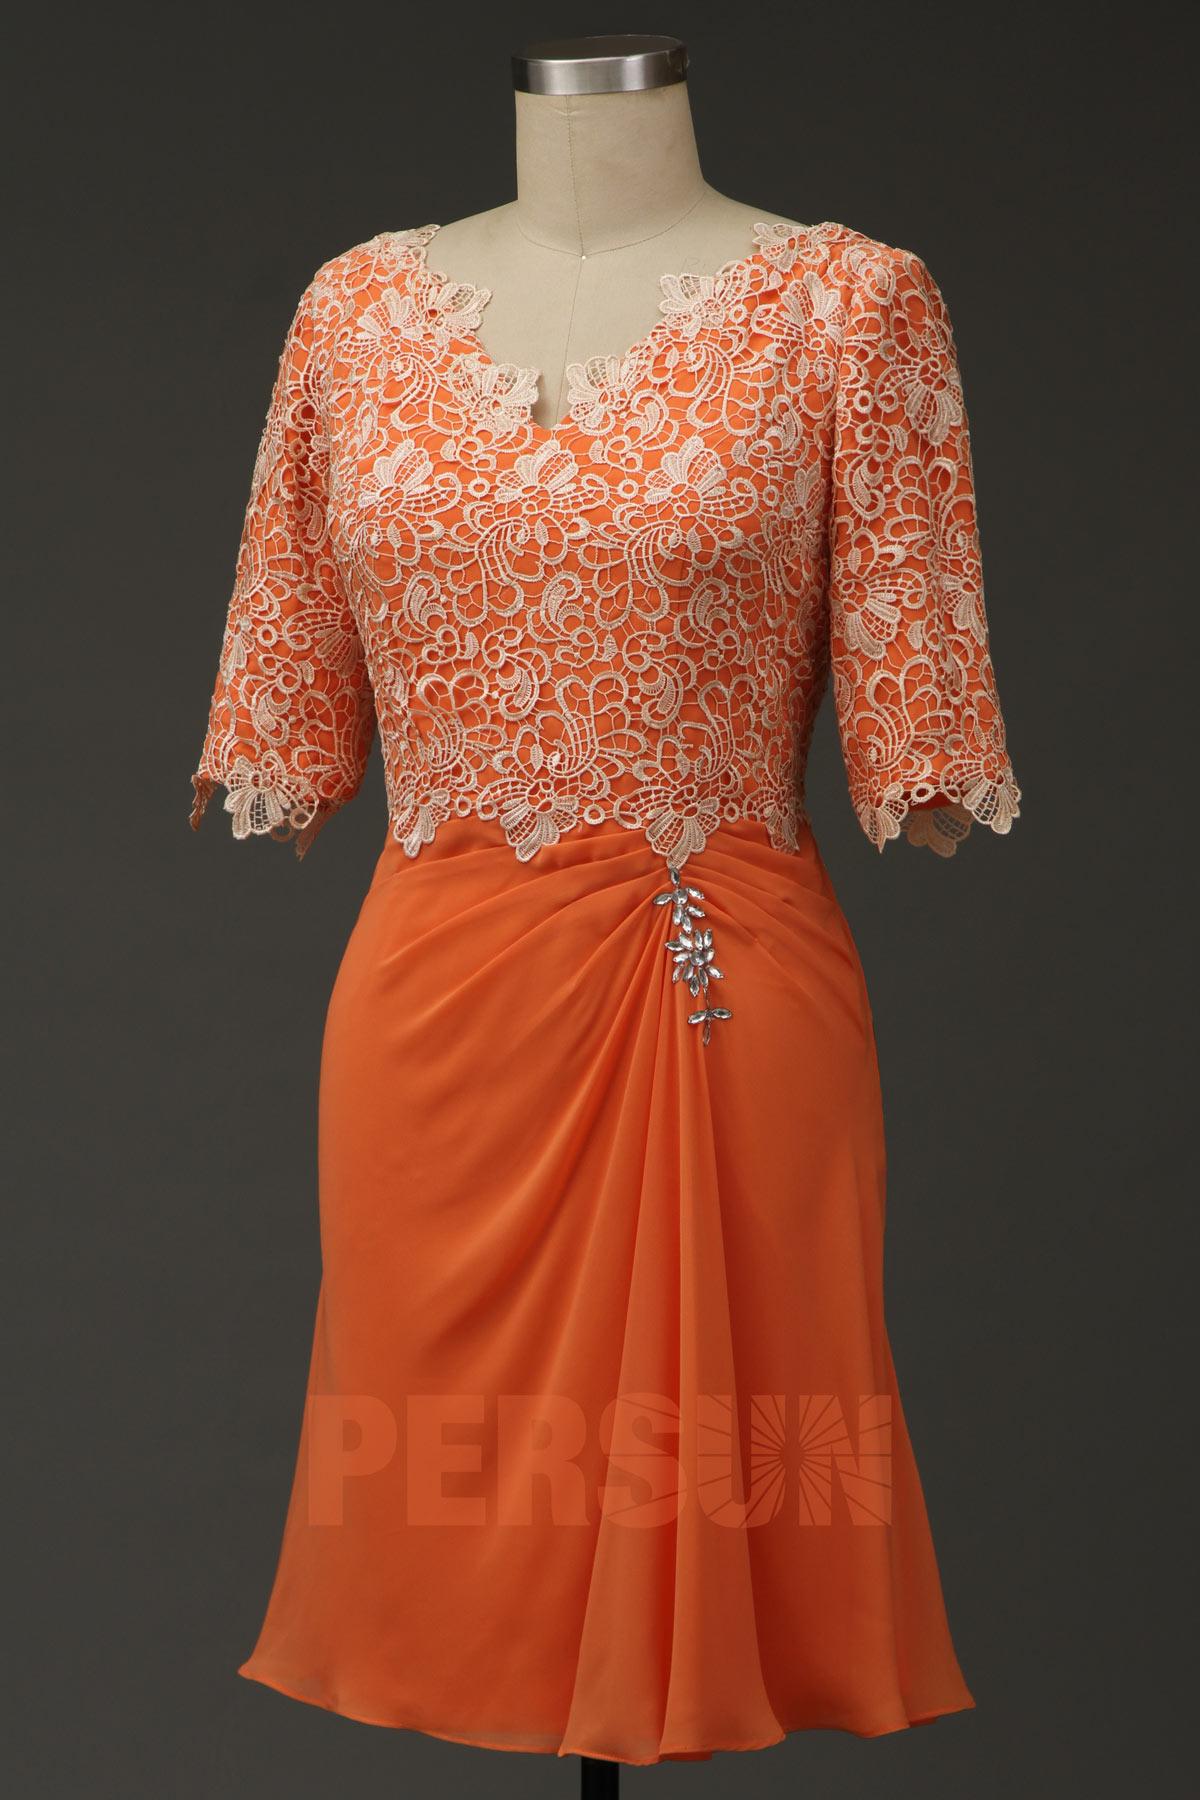 robe cocktail courte orange à haut dentelle avec manches